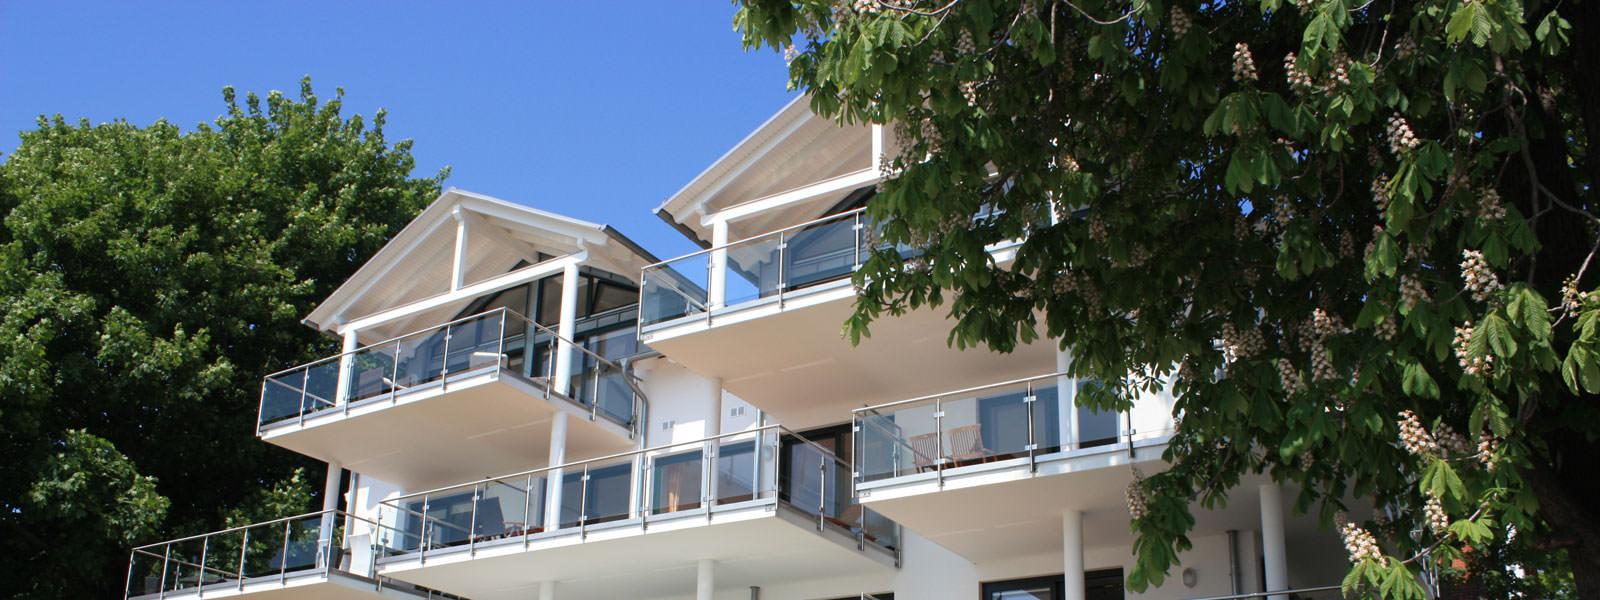 Balkone der Rügen-Star Appartements in Sassnitz auf der Insel Rügen.